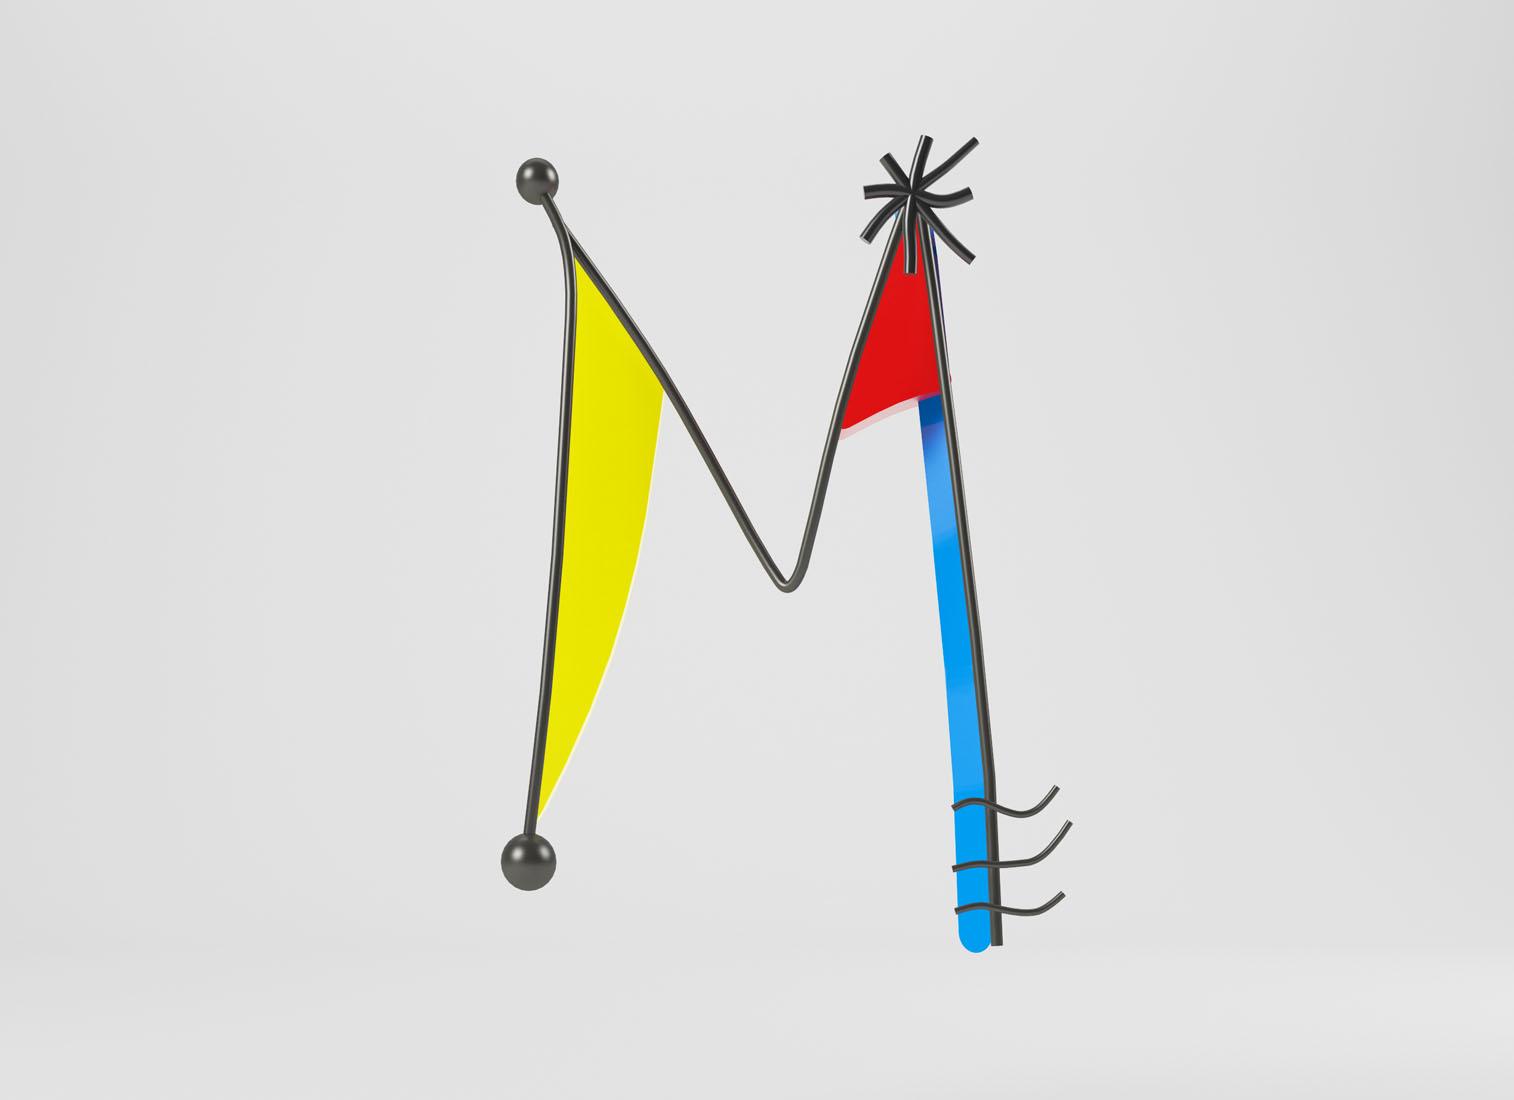 От Энди Уорхола до Эдварда Мунка: каждая буква этого шрифта посвящена великим художникам